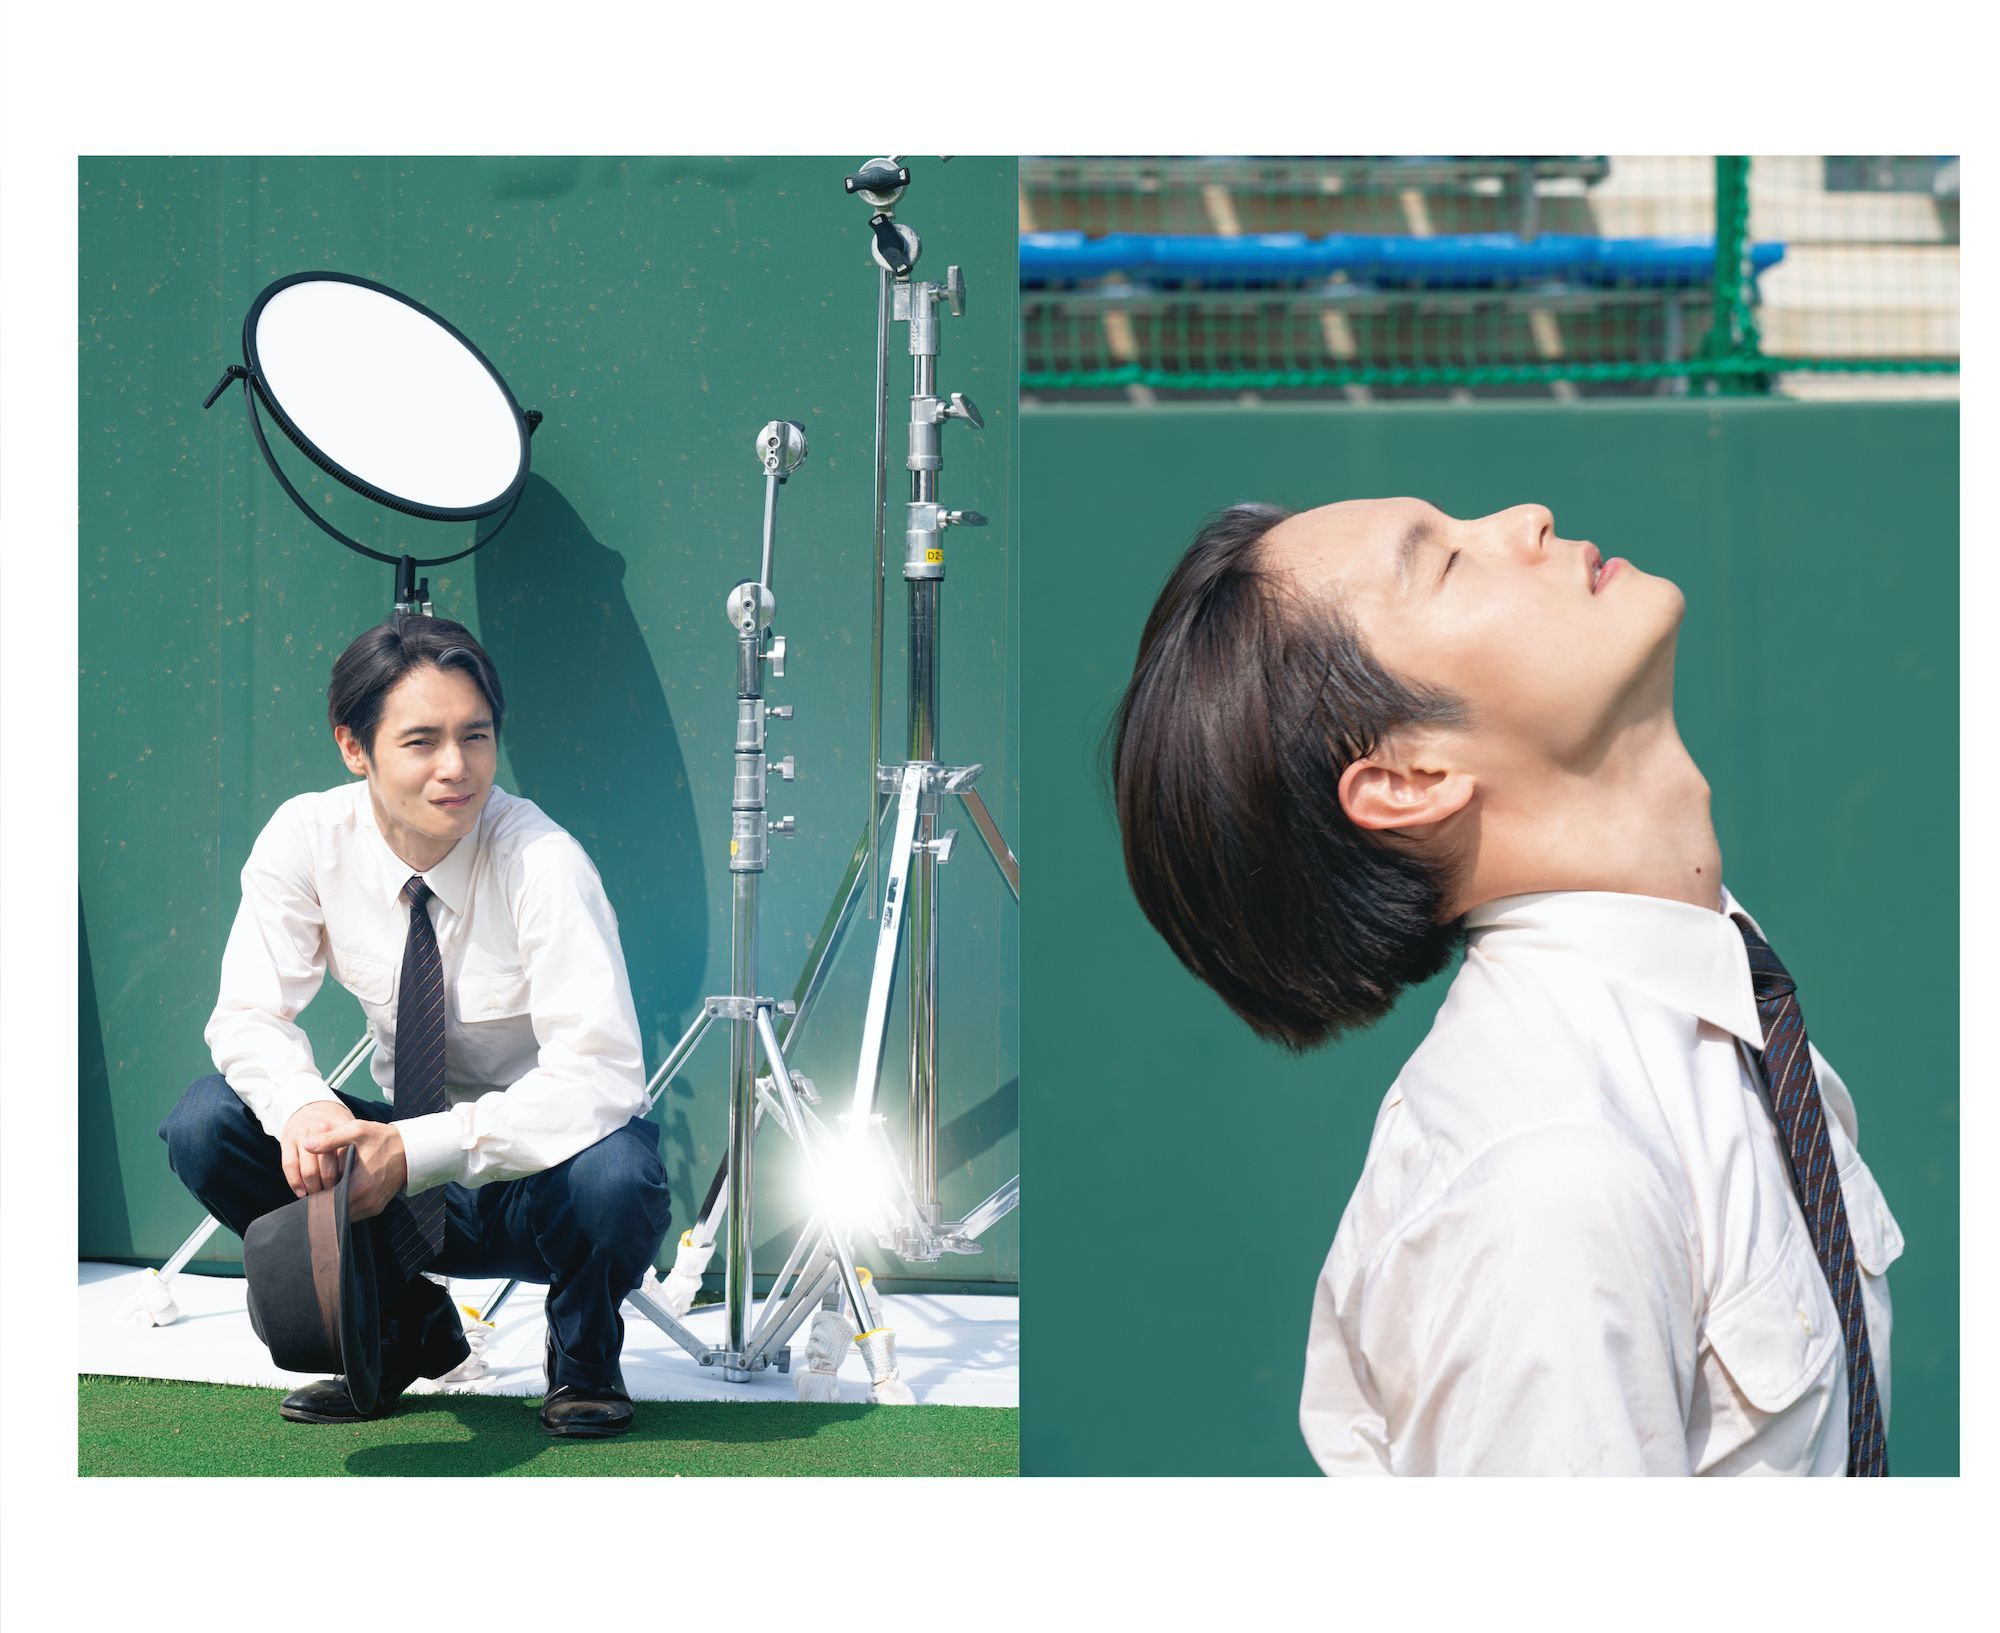 ドキュメンタリーブック『Vreath -Documentary of 窪田正孝 in エール-』初公開収録カット